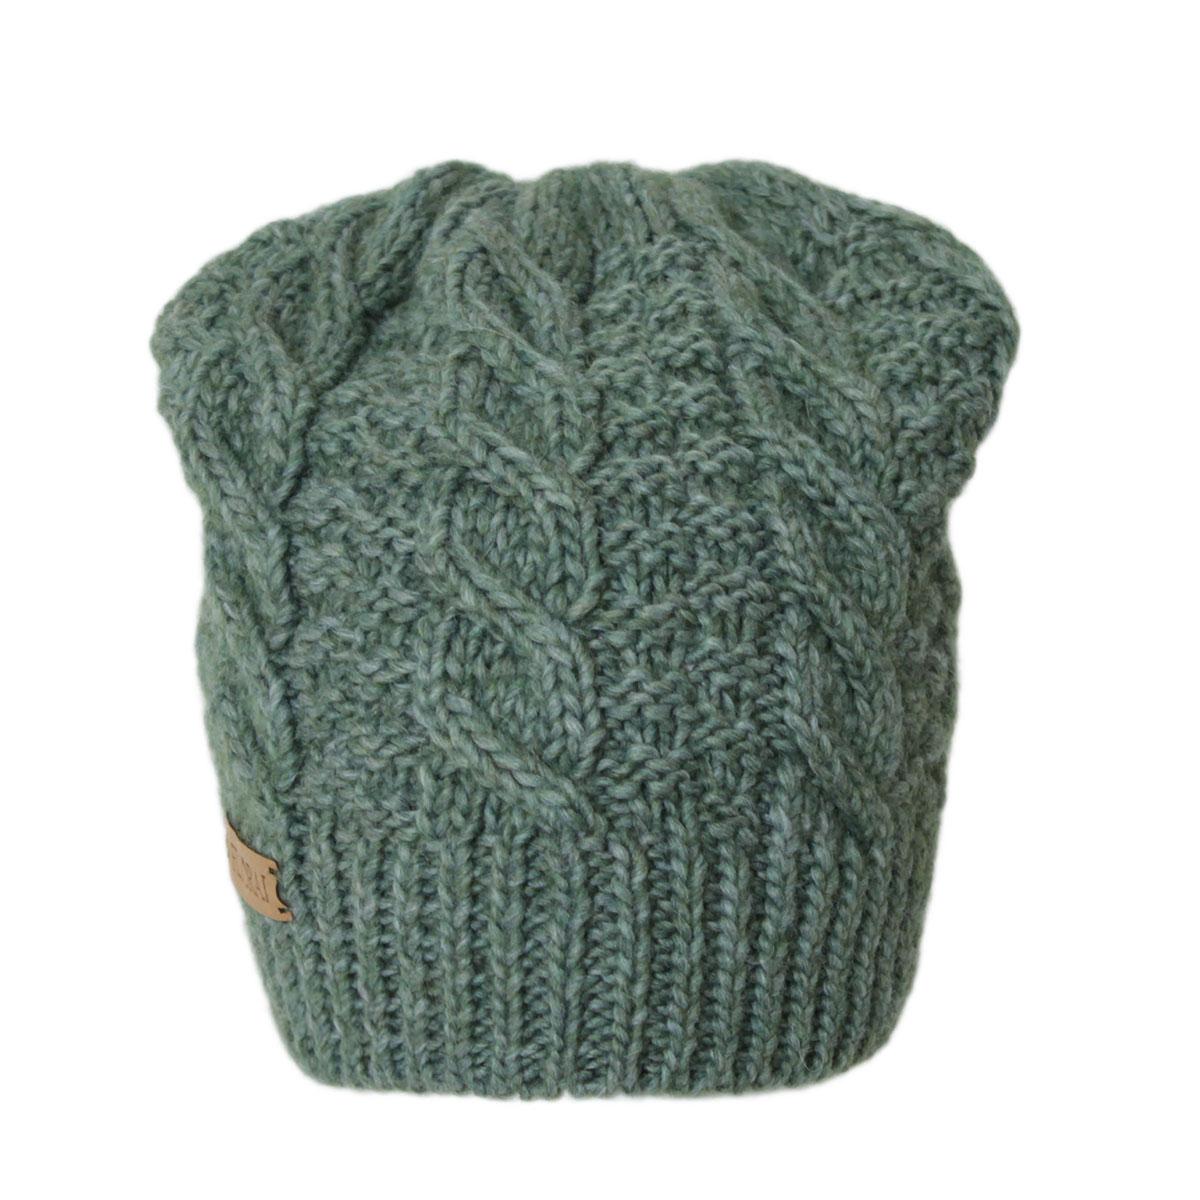 Шапка306FJТеплая шапка Flioraj выполнена из овечьей шерсти и шерсти горной альпаки с добавлением полиакрила и вискозы. Модель имеет крупную плотную вязку, оформлена оригинальным вязаным рисунком и декорирована фирменным кожаным логотипом. Уважаемые клиенты! Размер, доступный для заказа, является обхватом головы.